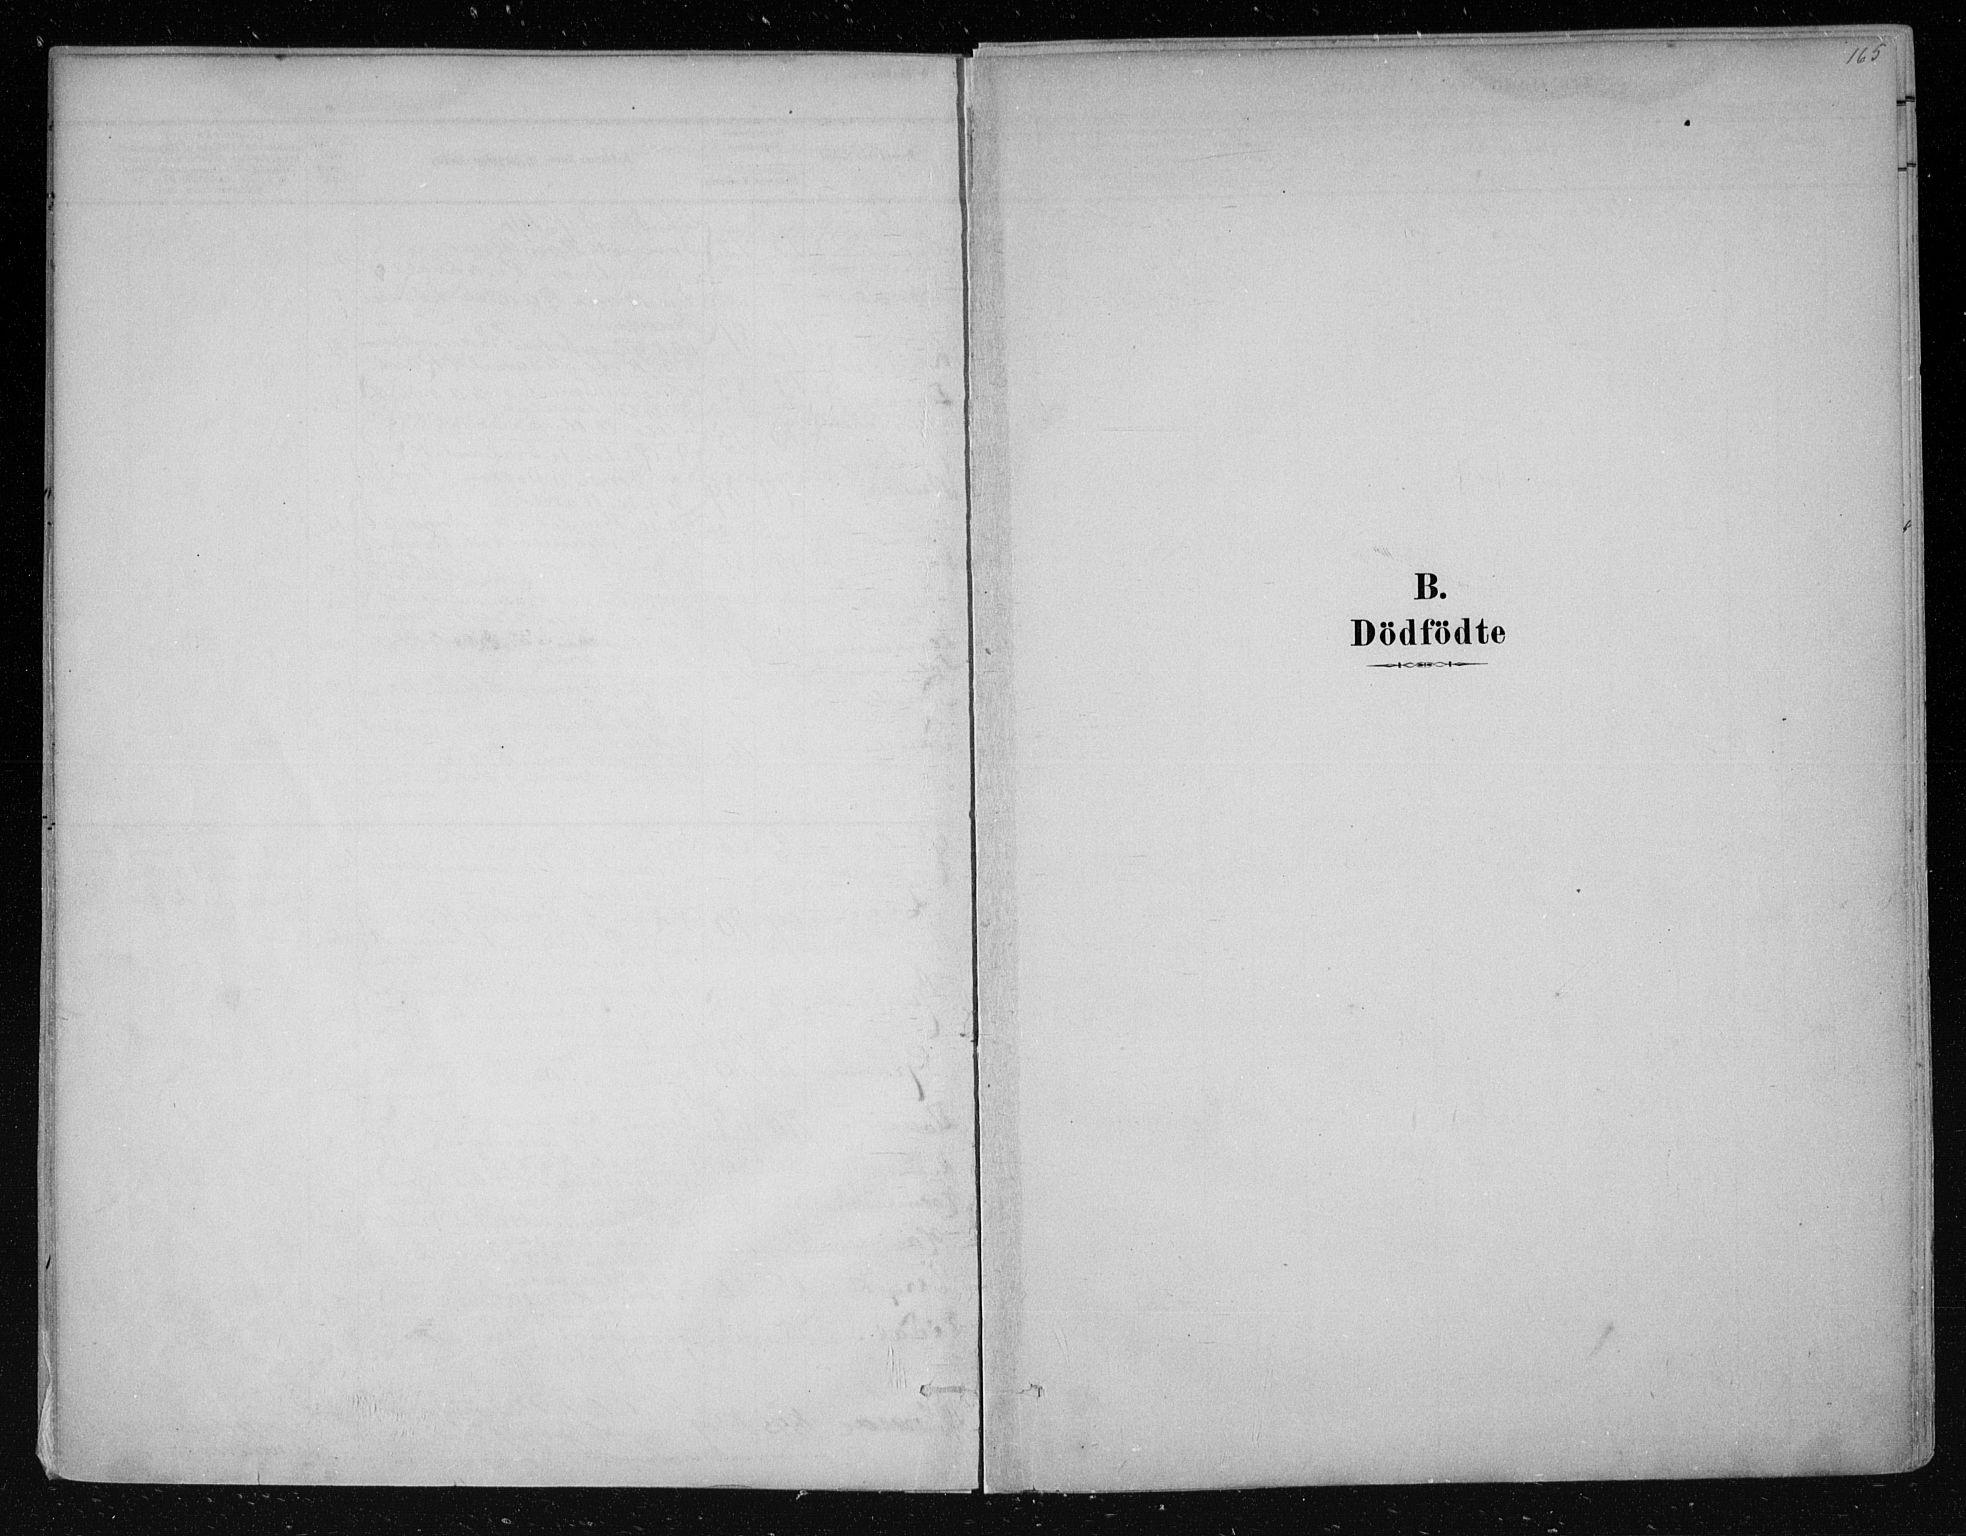 SAKO, Nes kirkebøker, F/Fa/L0011: Ministerialbok nr. 11, 1881-1912, s. 165